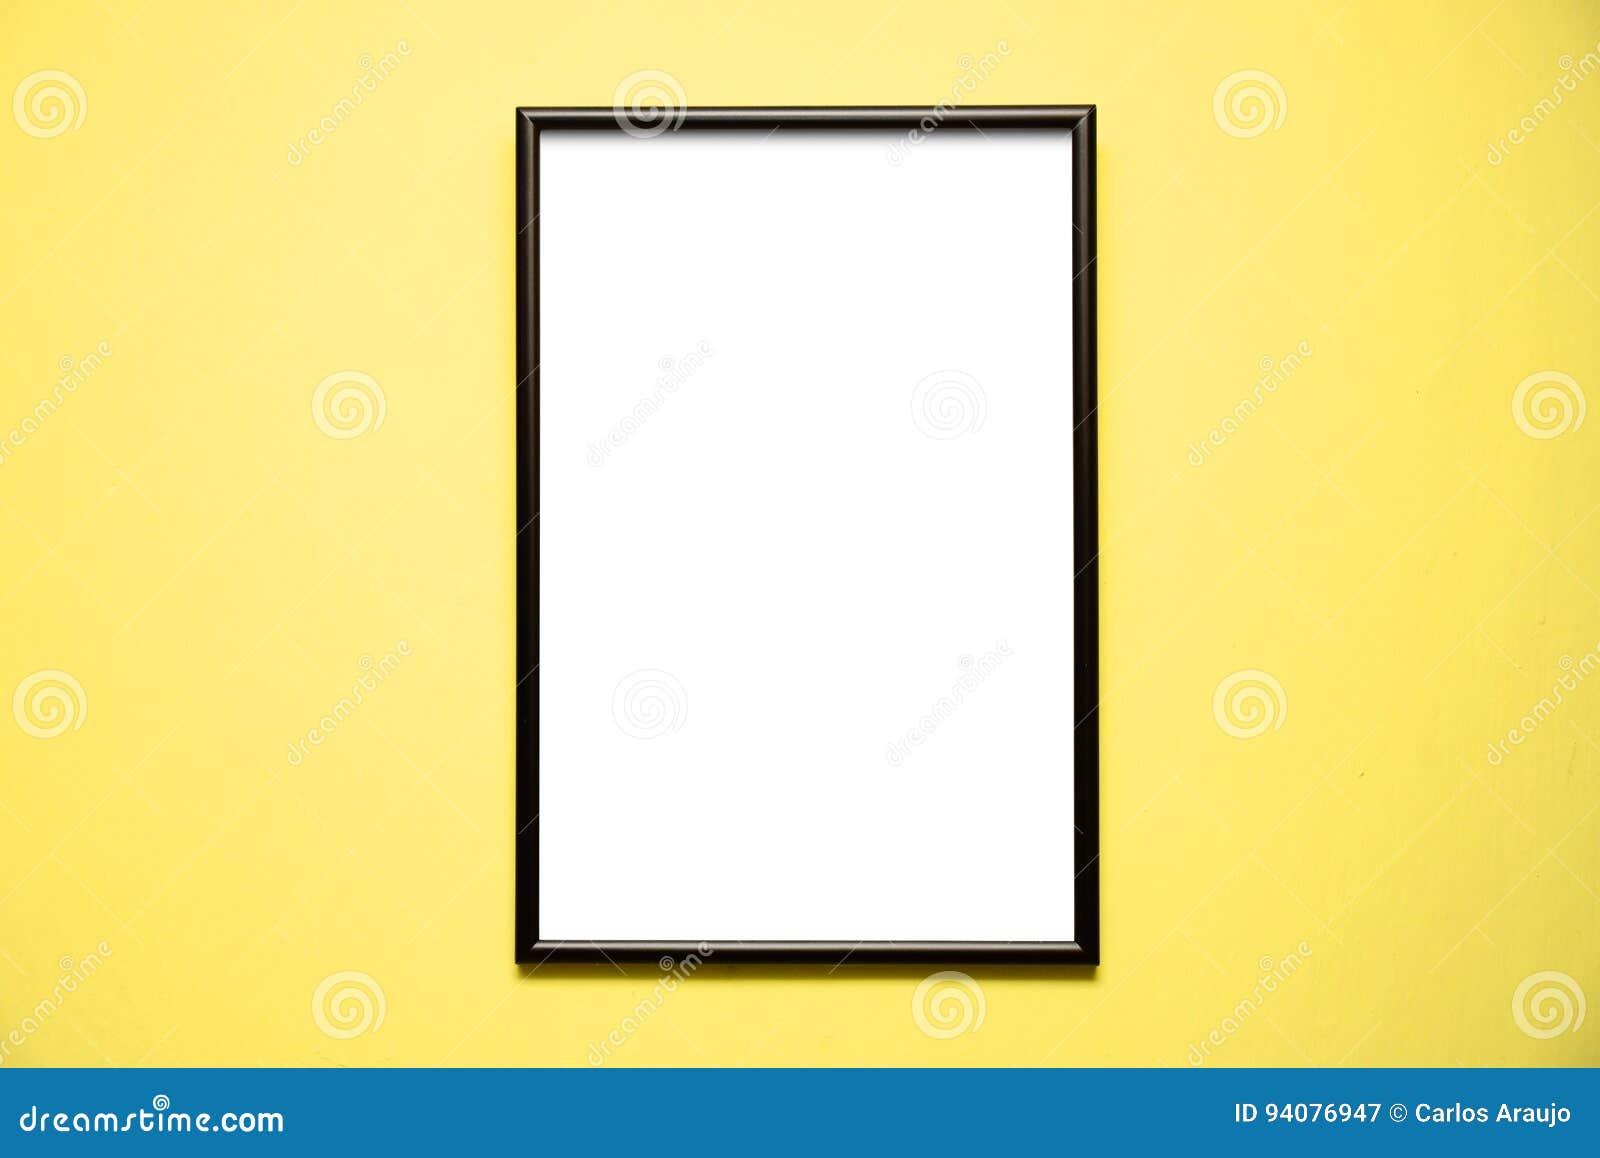 cadre noir vide sur un mur jaune lumineux image stock image du lumineux cadre 94076947. Black Bedroom Furniture Sets. Home Design Ideas